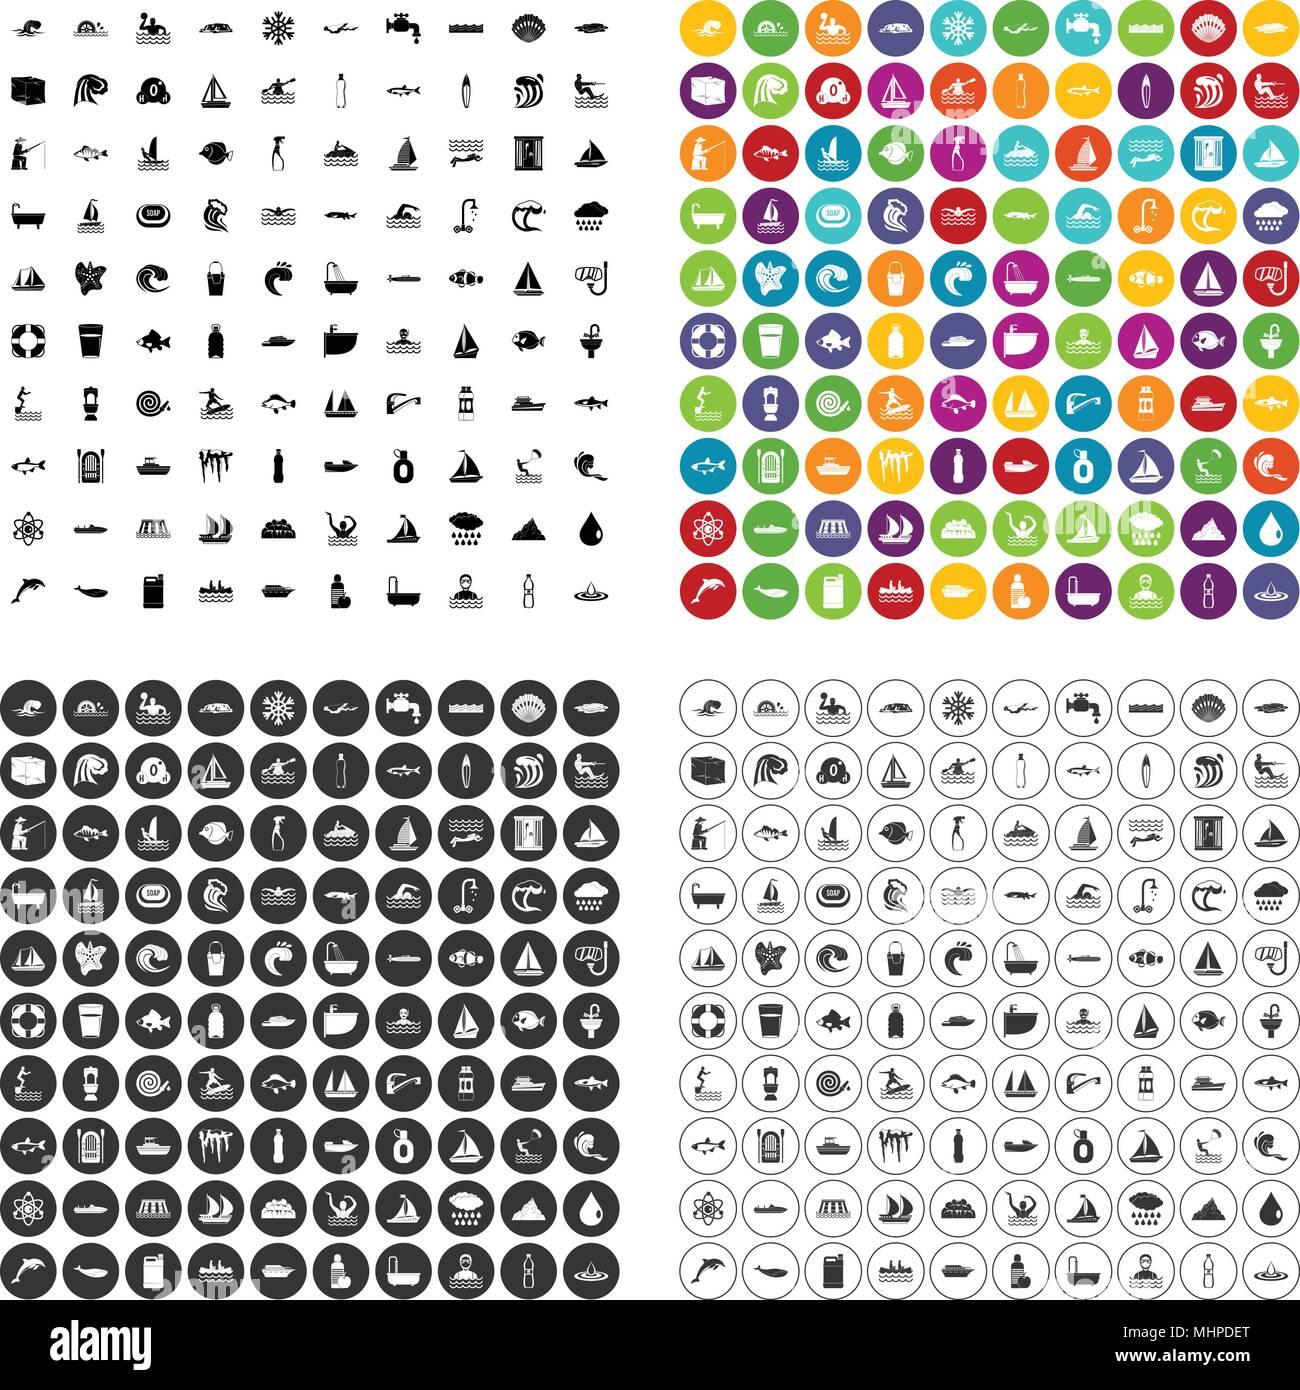 100 aquaculture icons set vector variant - Stock Vector